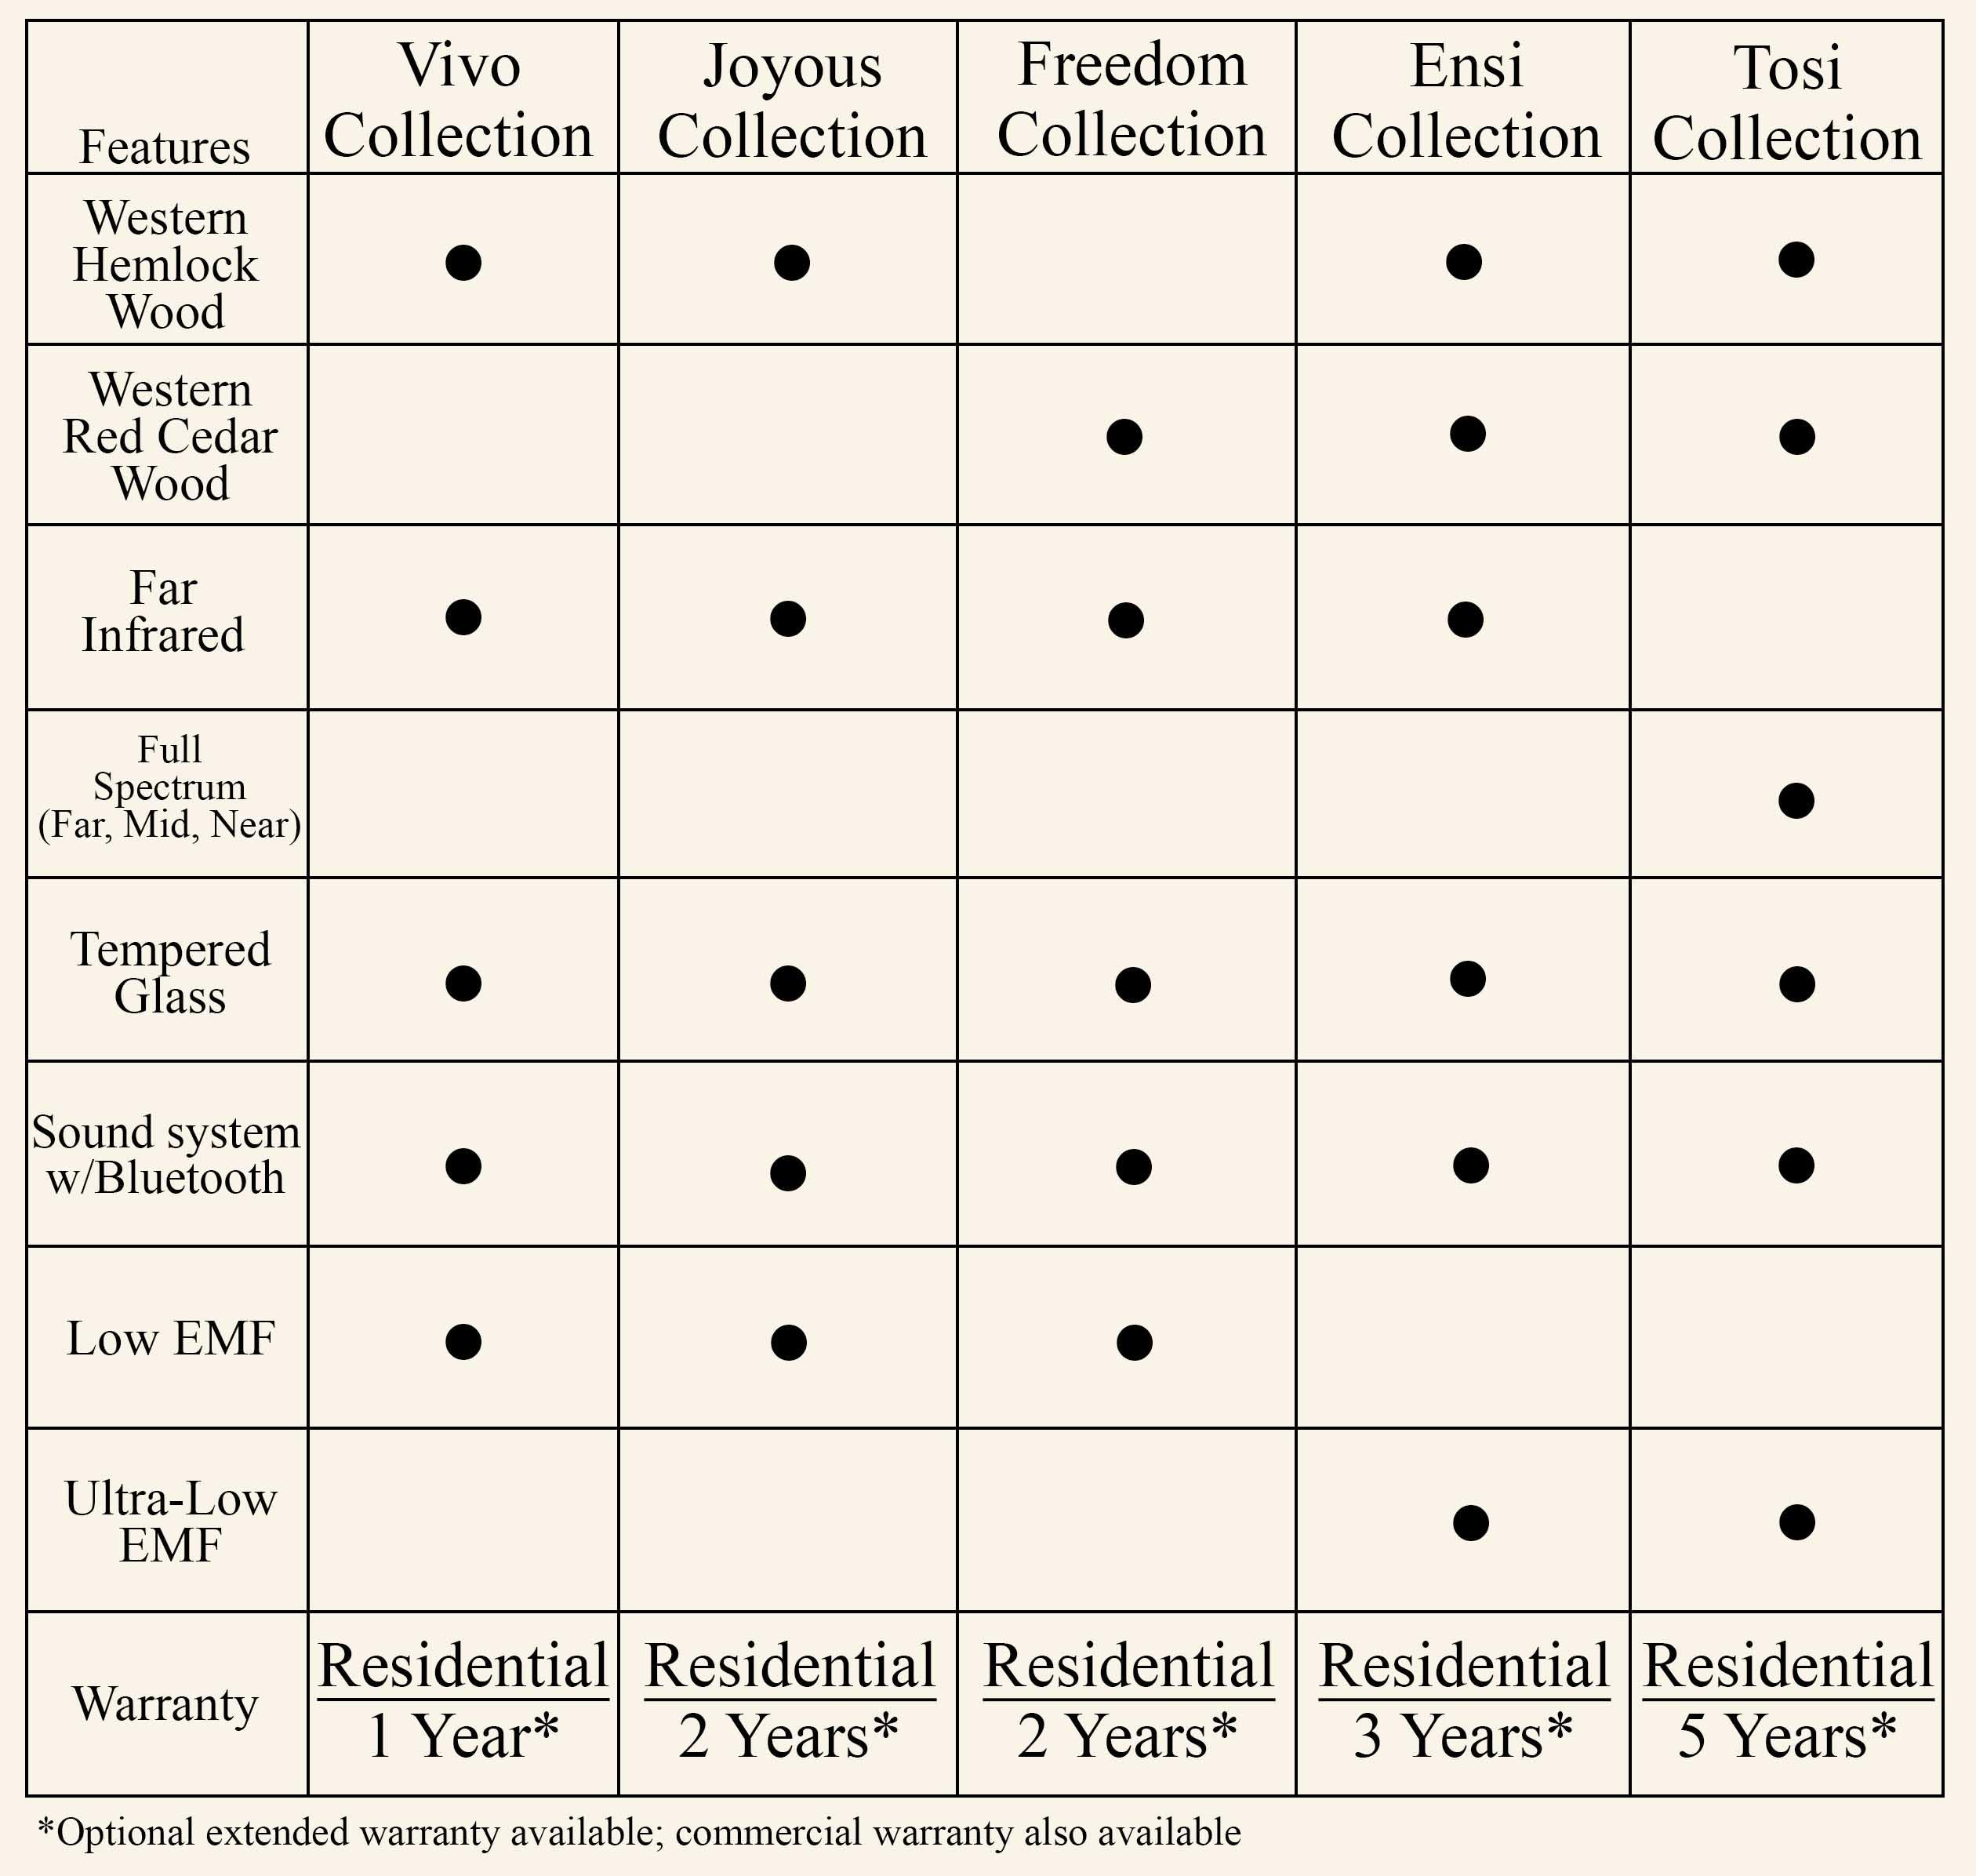 Collection Comparison Chart